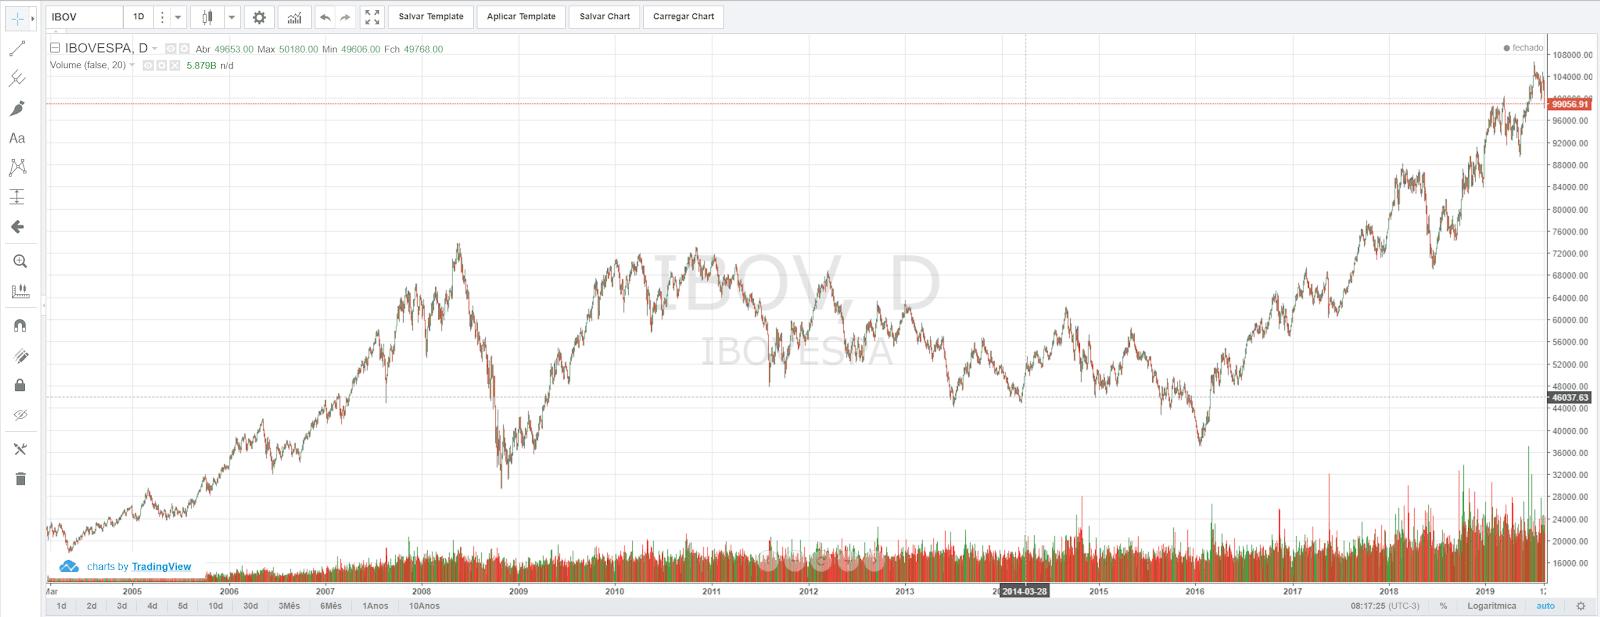 Preocupado com a queda na bolsa de valores? Veja como essa queda pode deixar você rico no longo prazo.